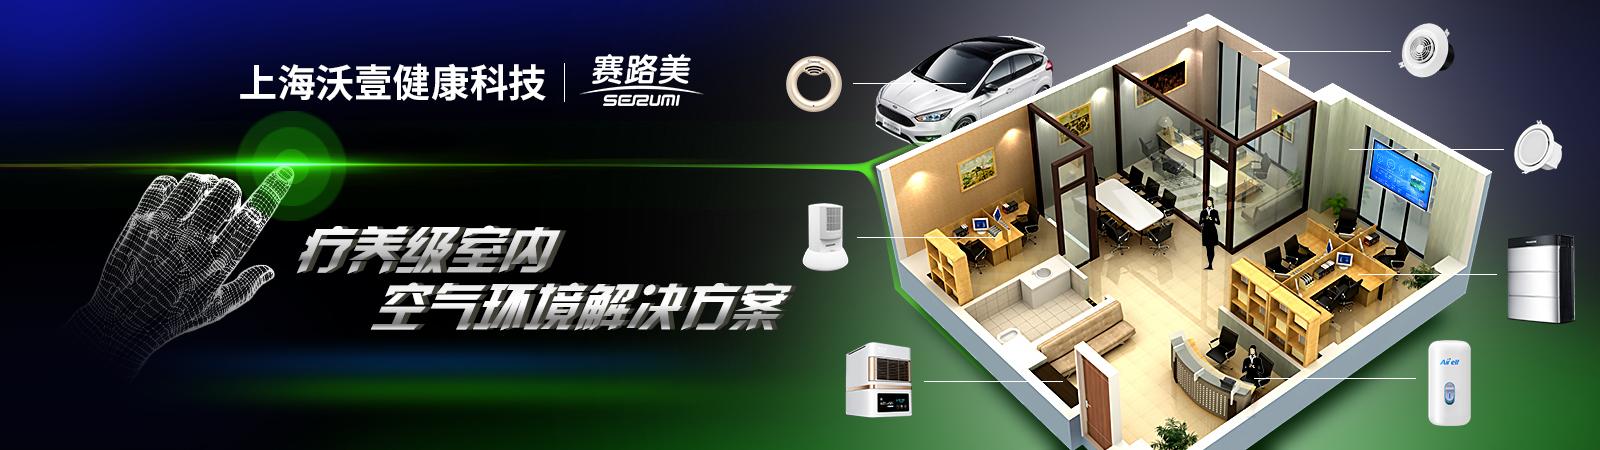 上海秒速快3预测|计划平台健康科技有限公司